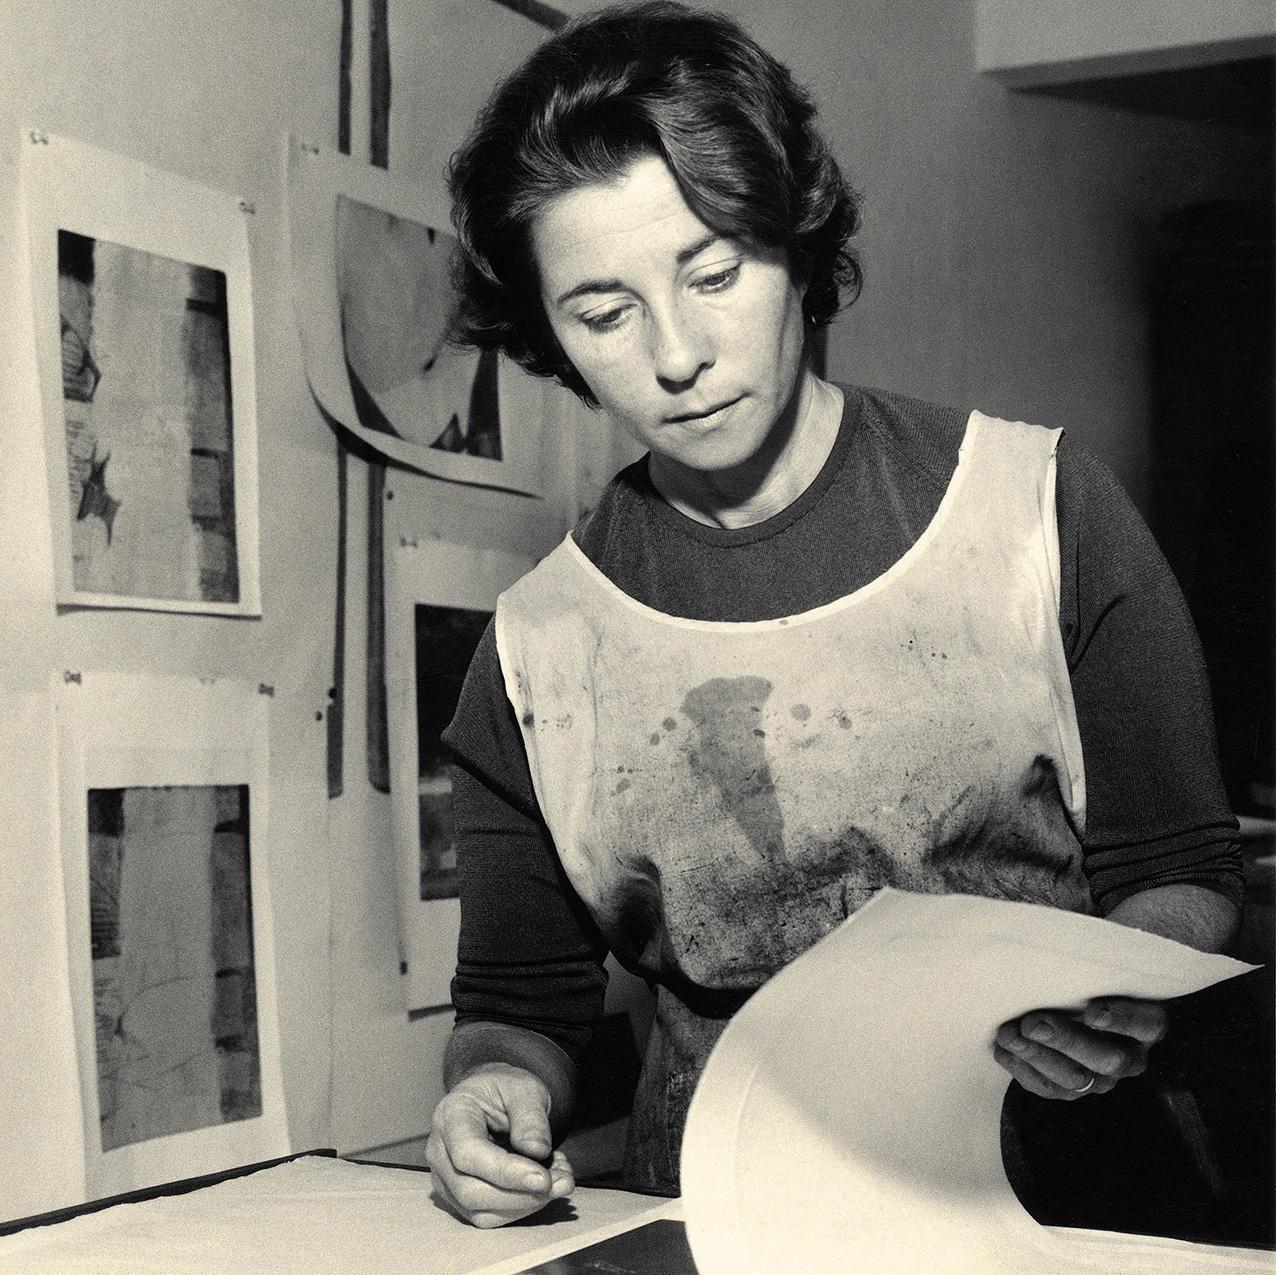 UFRN recebe doação de acervo da artista educadora Fayga Ostrower